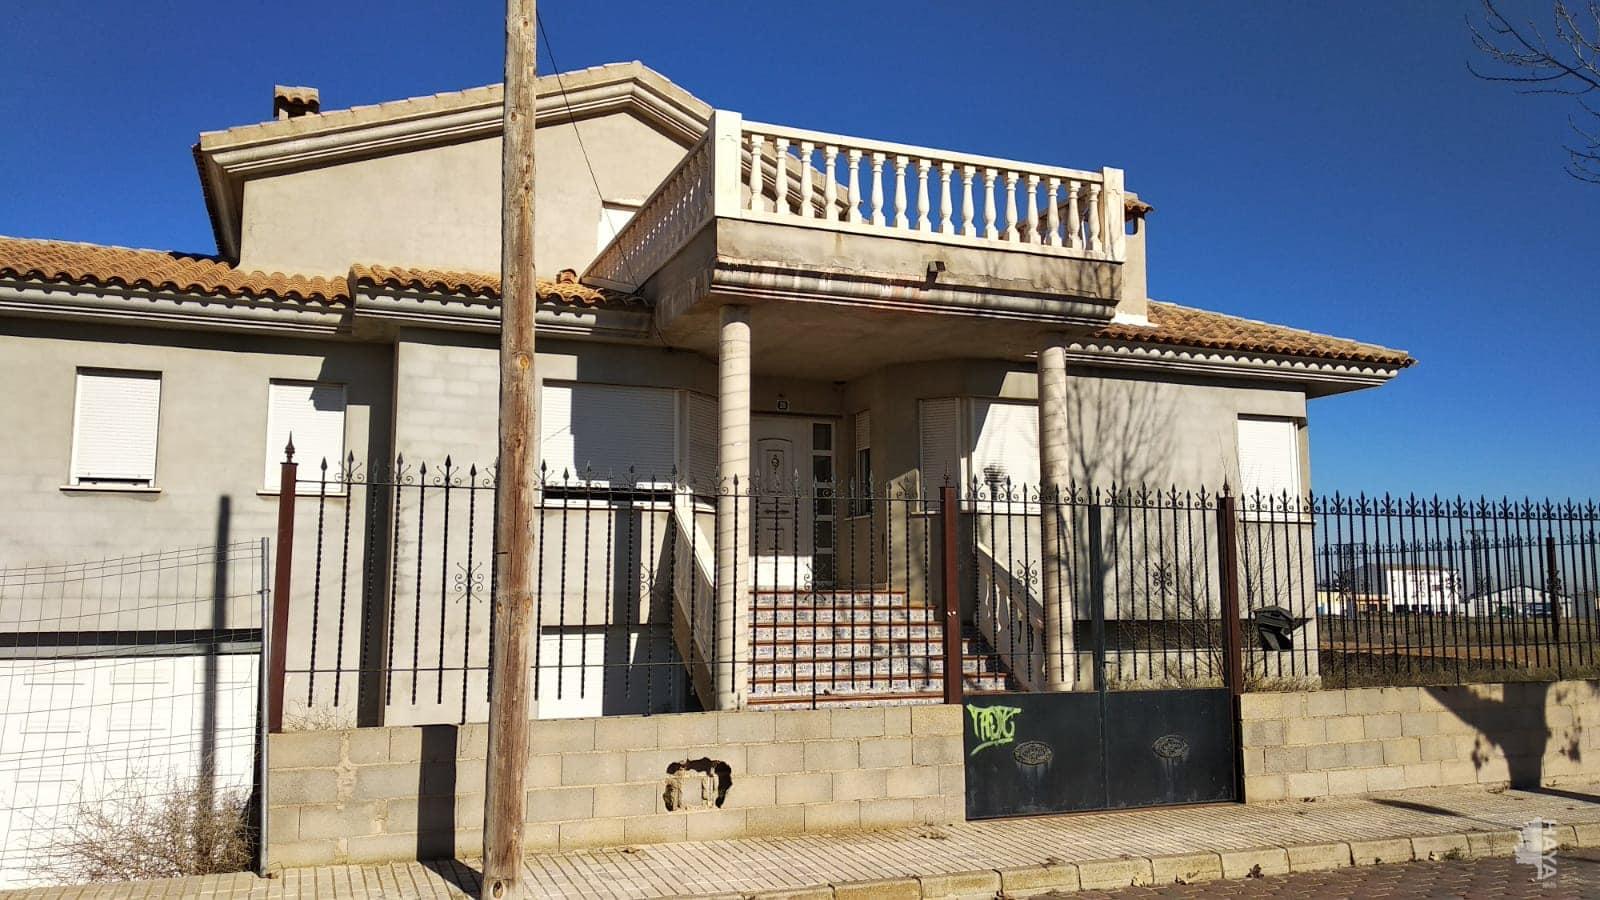 Casa en venta en Barrax, Barrax, españa, Calle Maria Gloria Lodares Fontecha, 89.800 €, 4 habitaciones, 2 baños, 397 m2